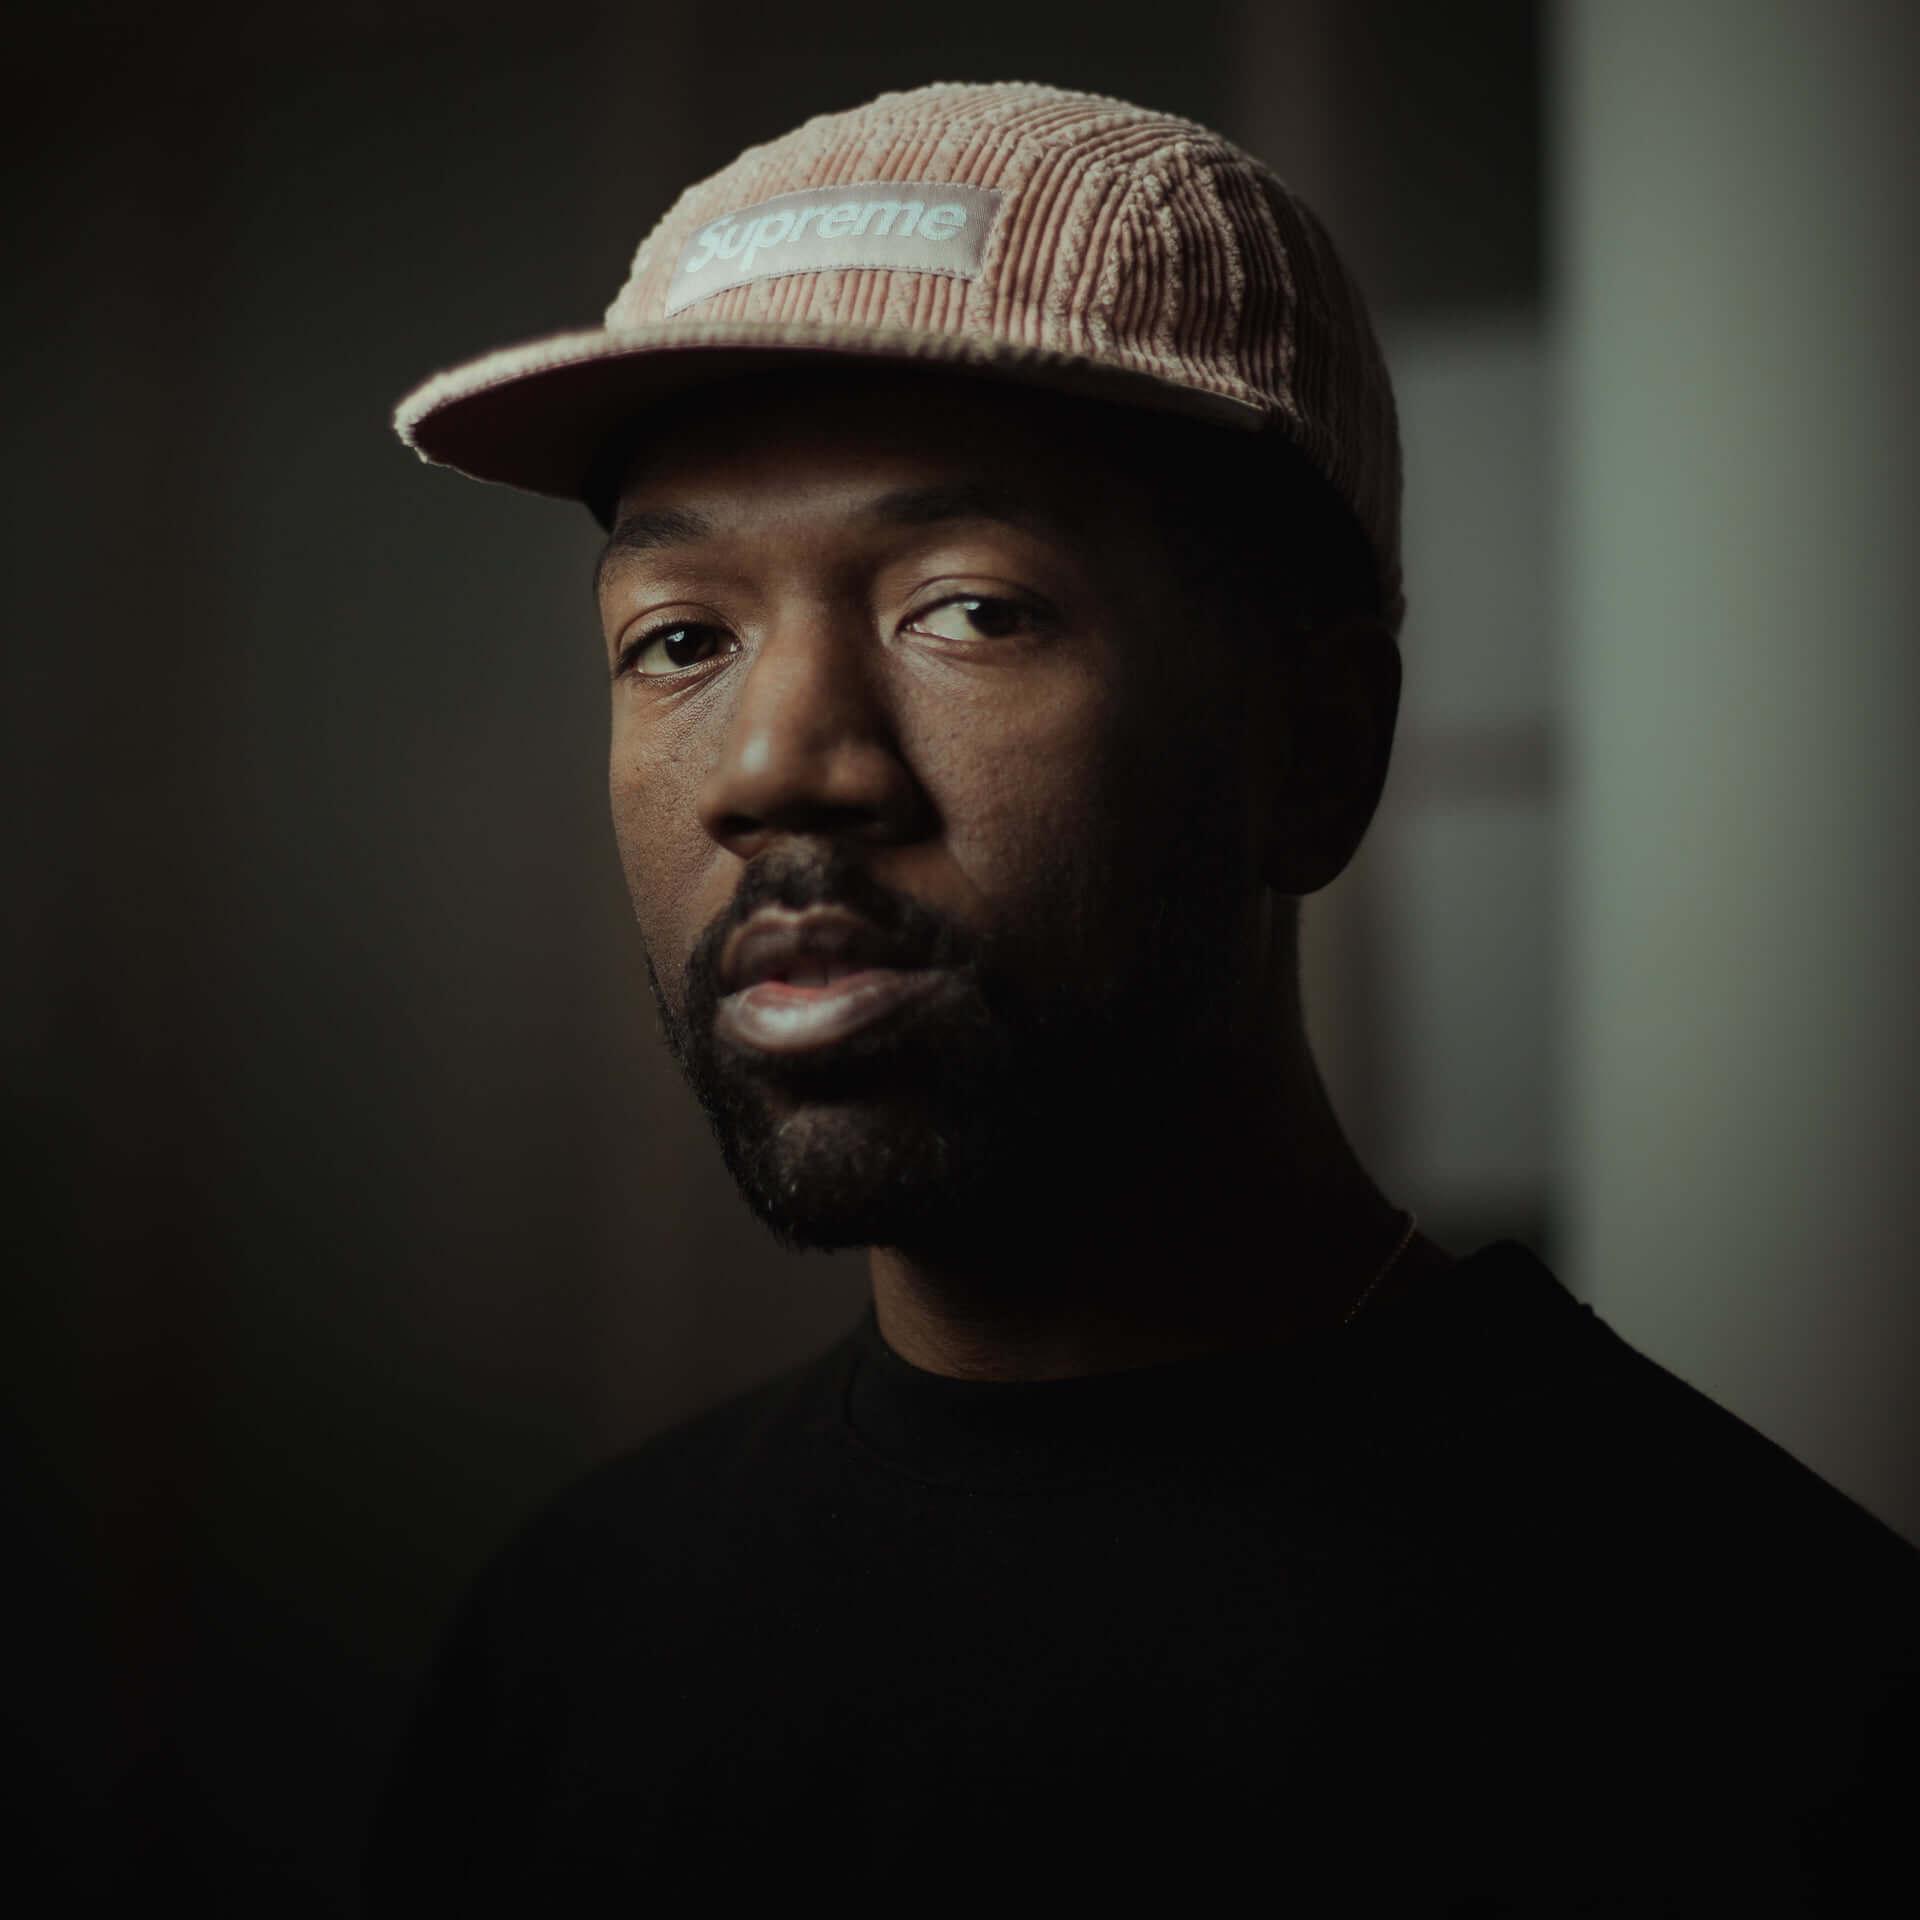 Chance The Rapperのアルバムジャケットなどを手掛けるアートディレクターBrandon Breauxがクリエイティブの祭典<rooms>に出展 music200213_rooms40_7-1920x1920